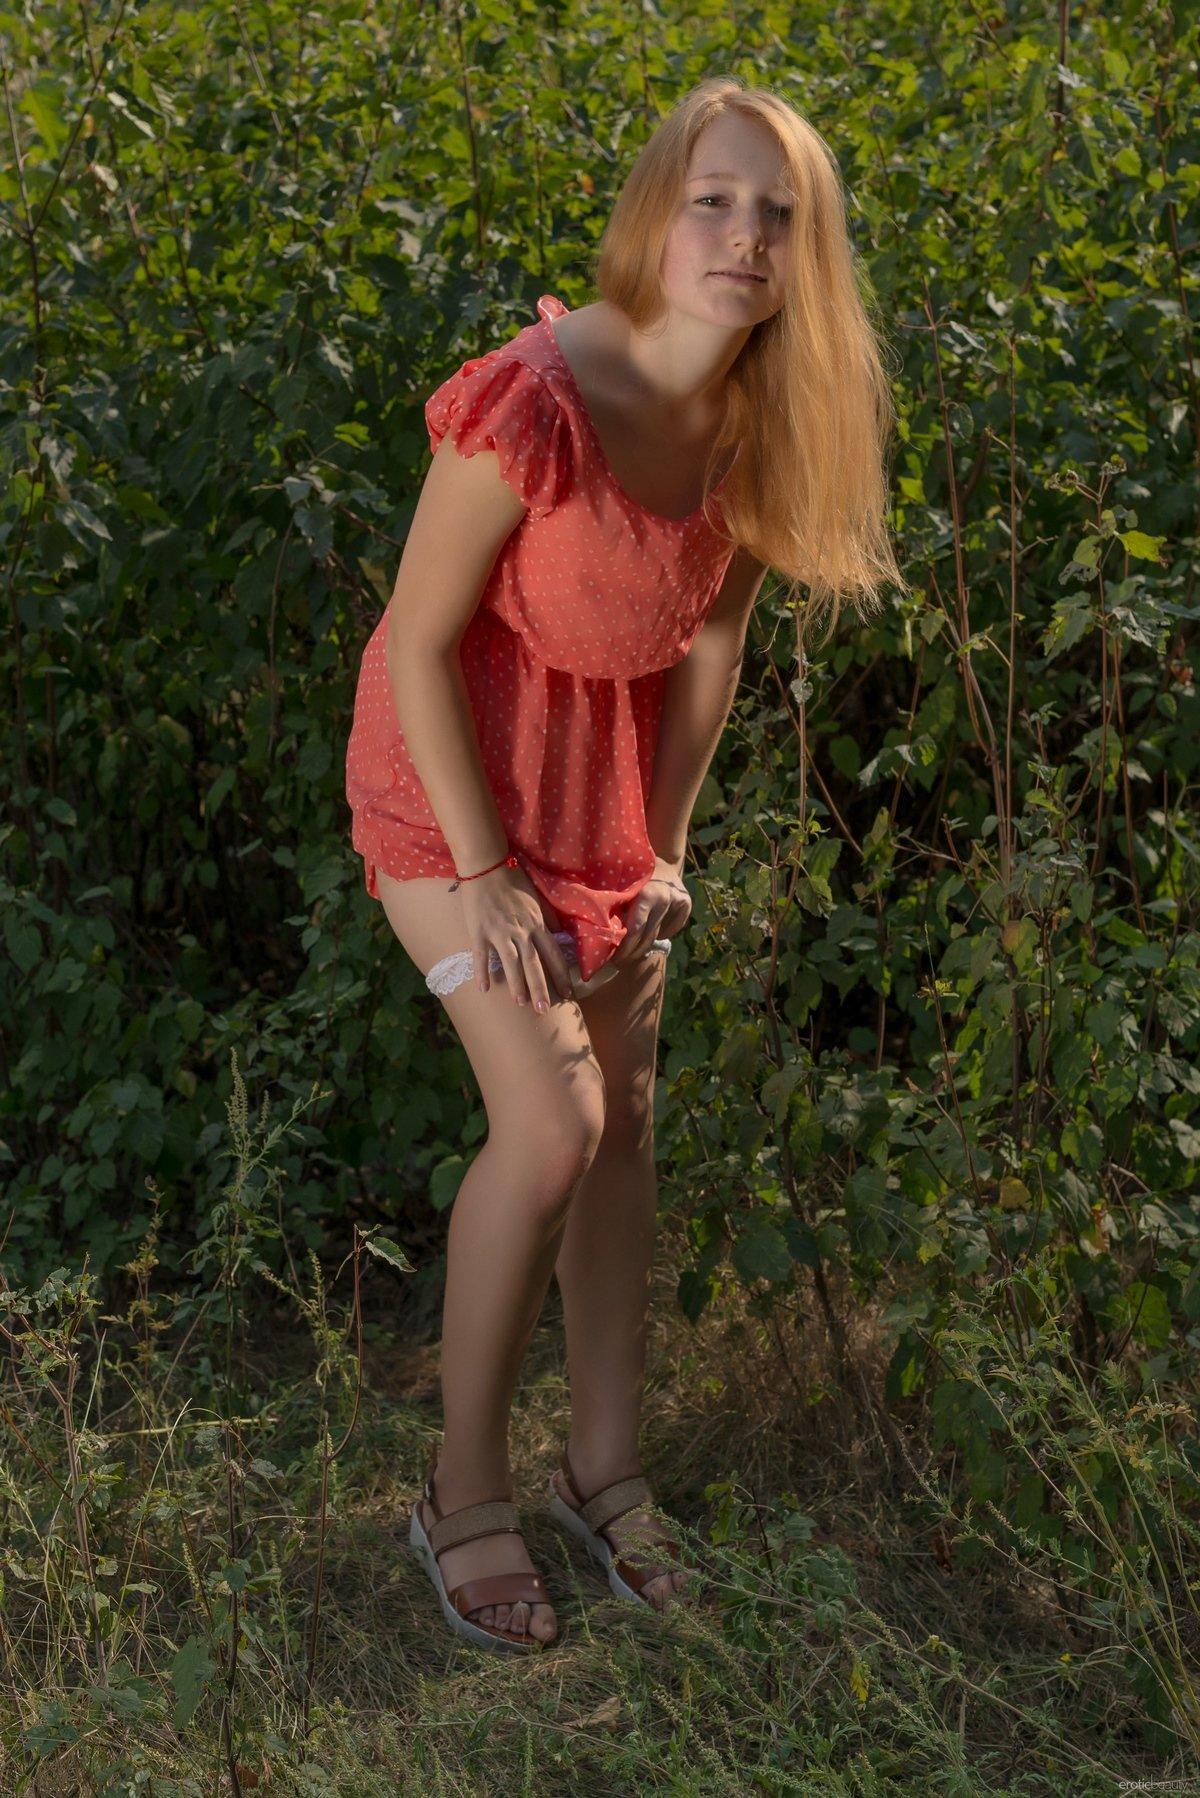 Рыжеволосая сняла платье на поляне под деревом секс фото